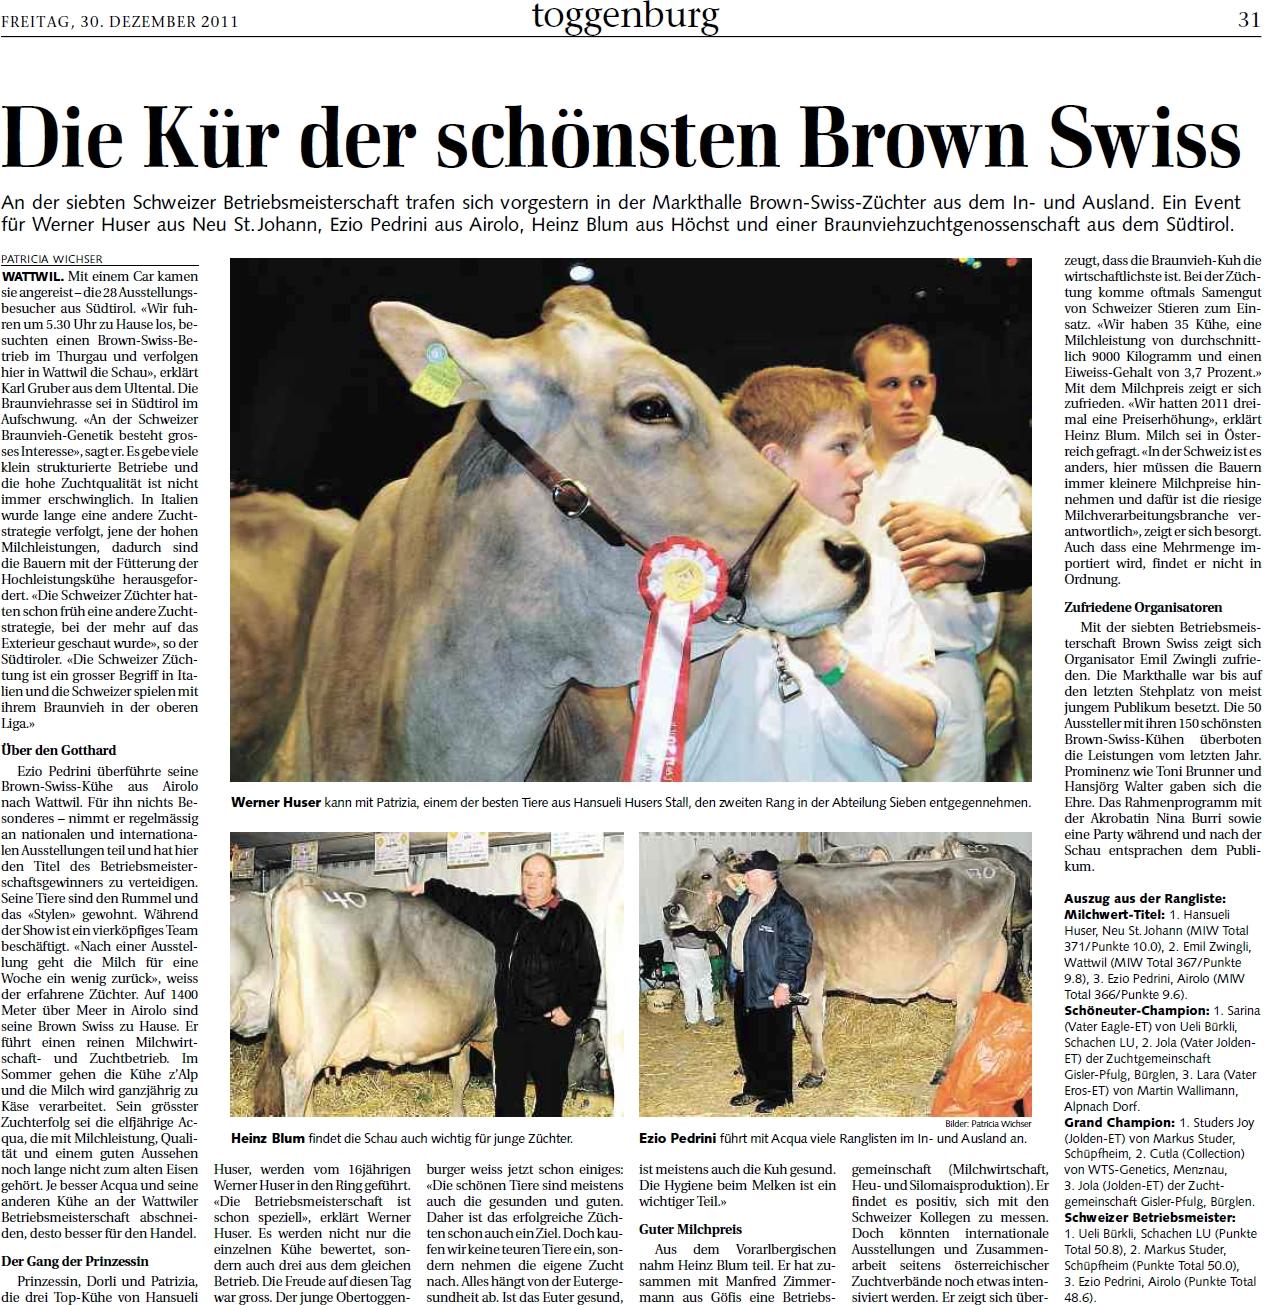 Die Kür der schönsten Brown Swiss (Freitag, 30.12.2011)